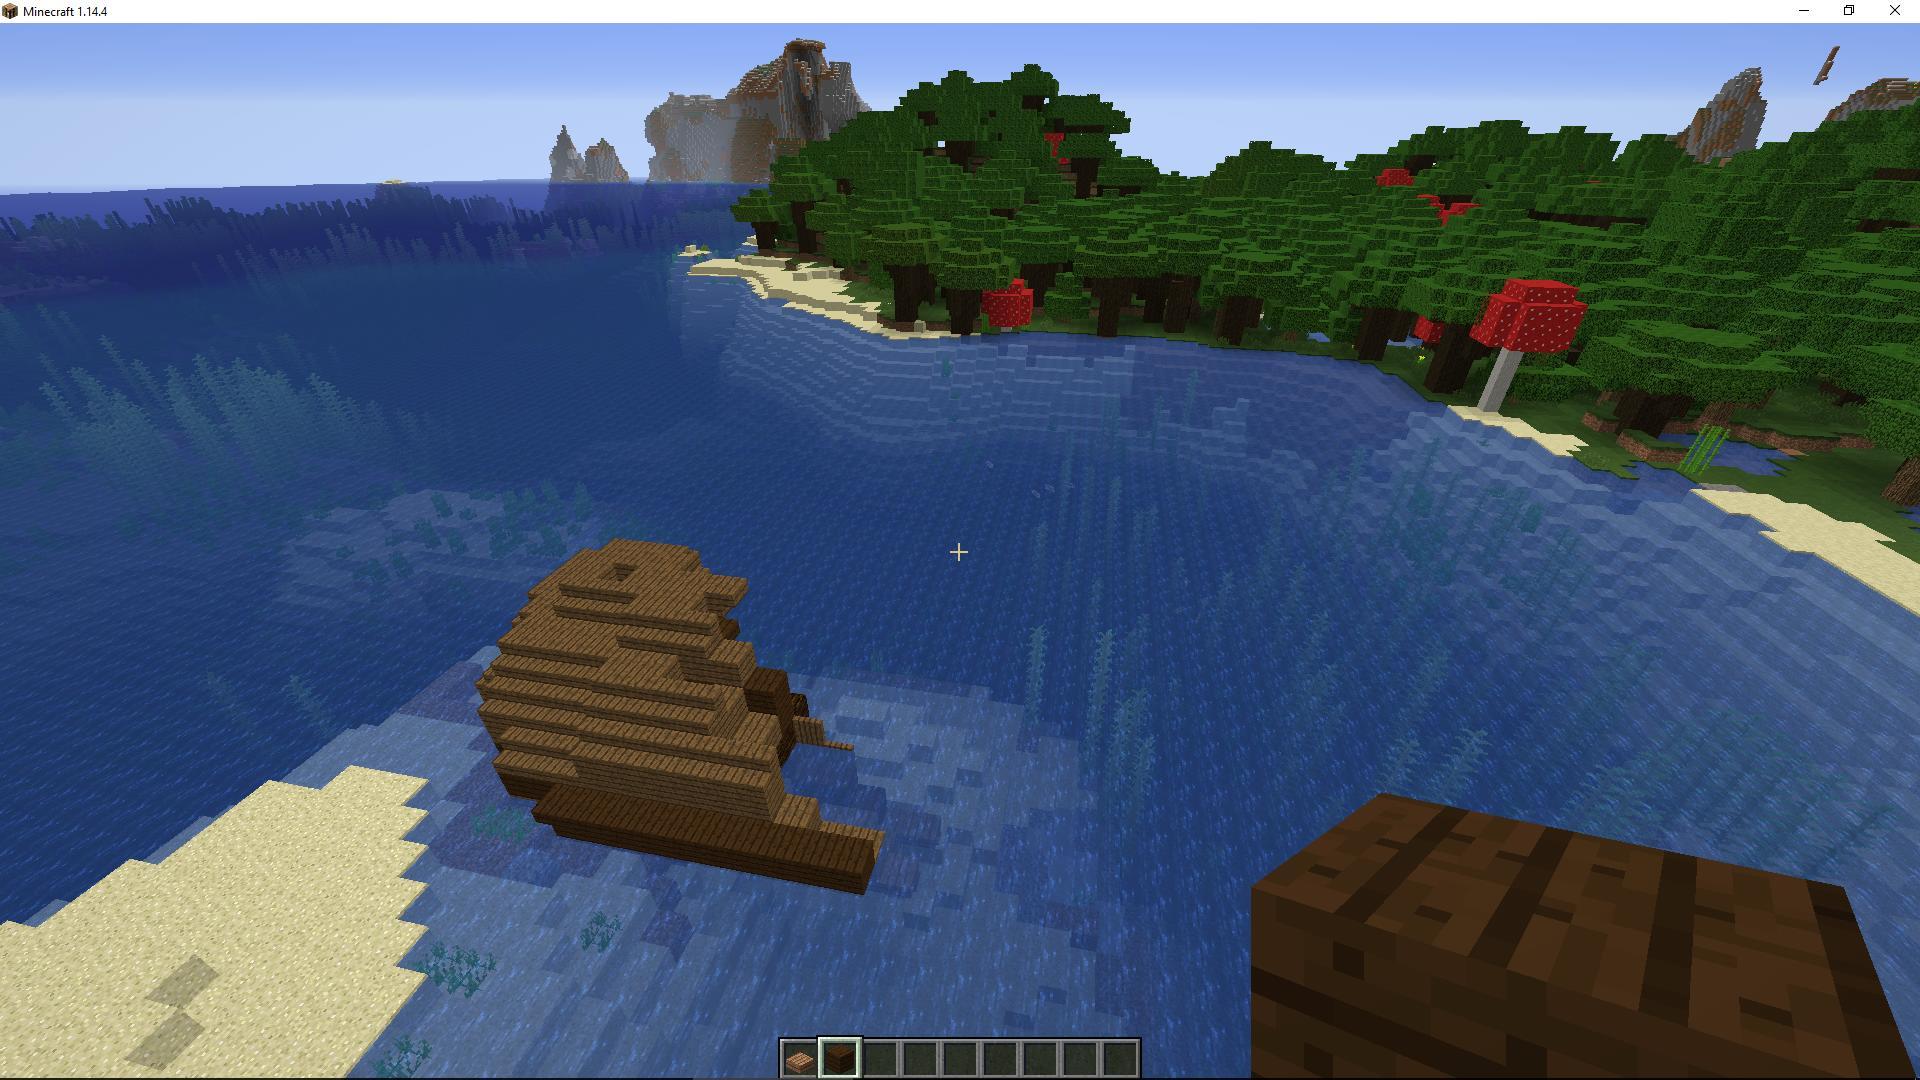 Сид «Два кораблекрушения, деревня илесной остров» - скриншот 7